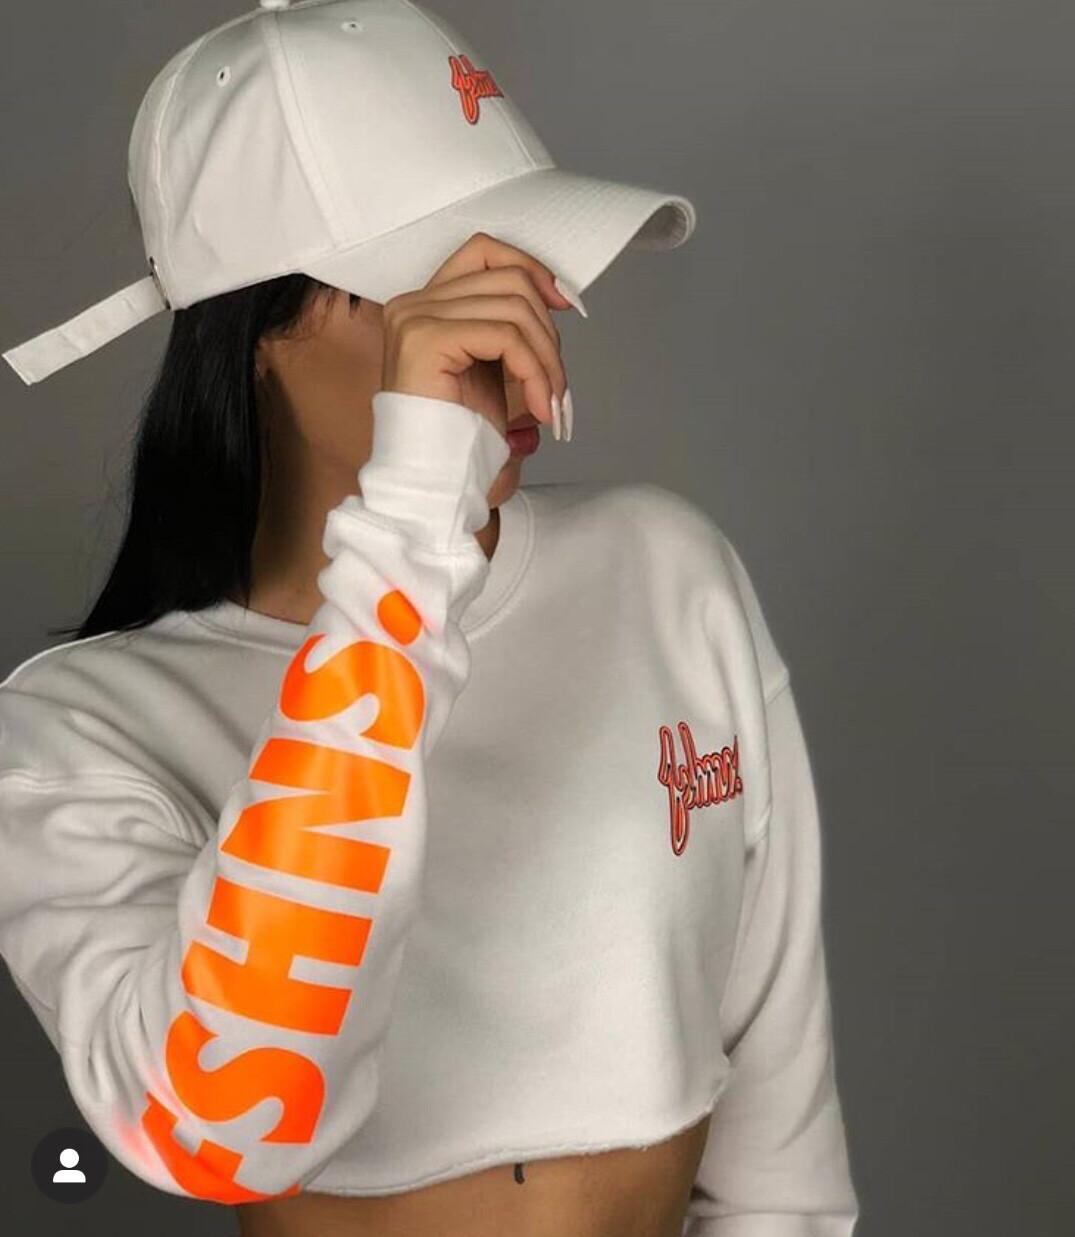 Fshns Long Sleeve Top (White/Orange)